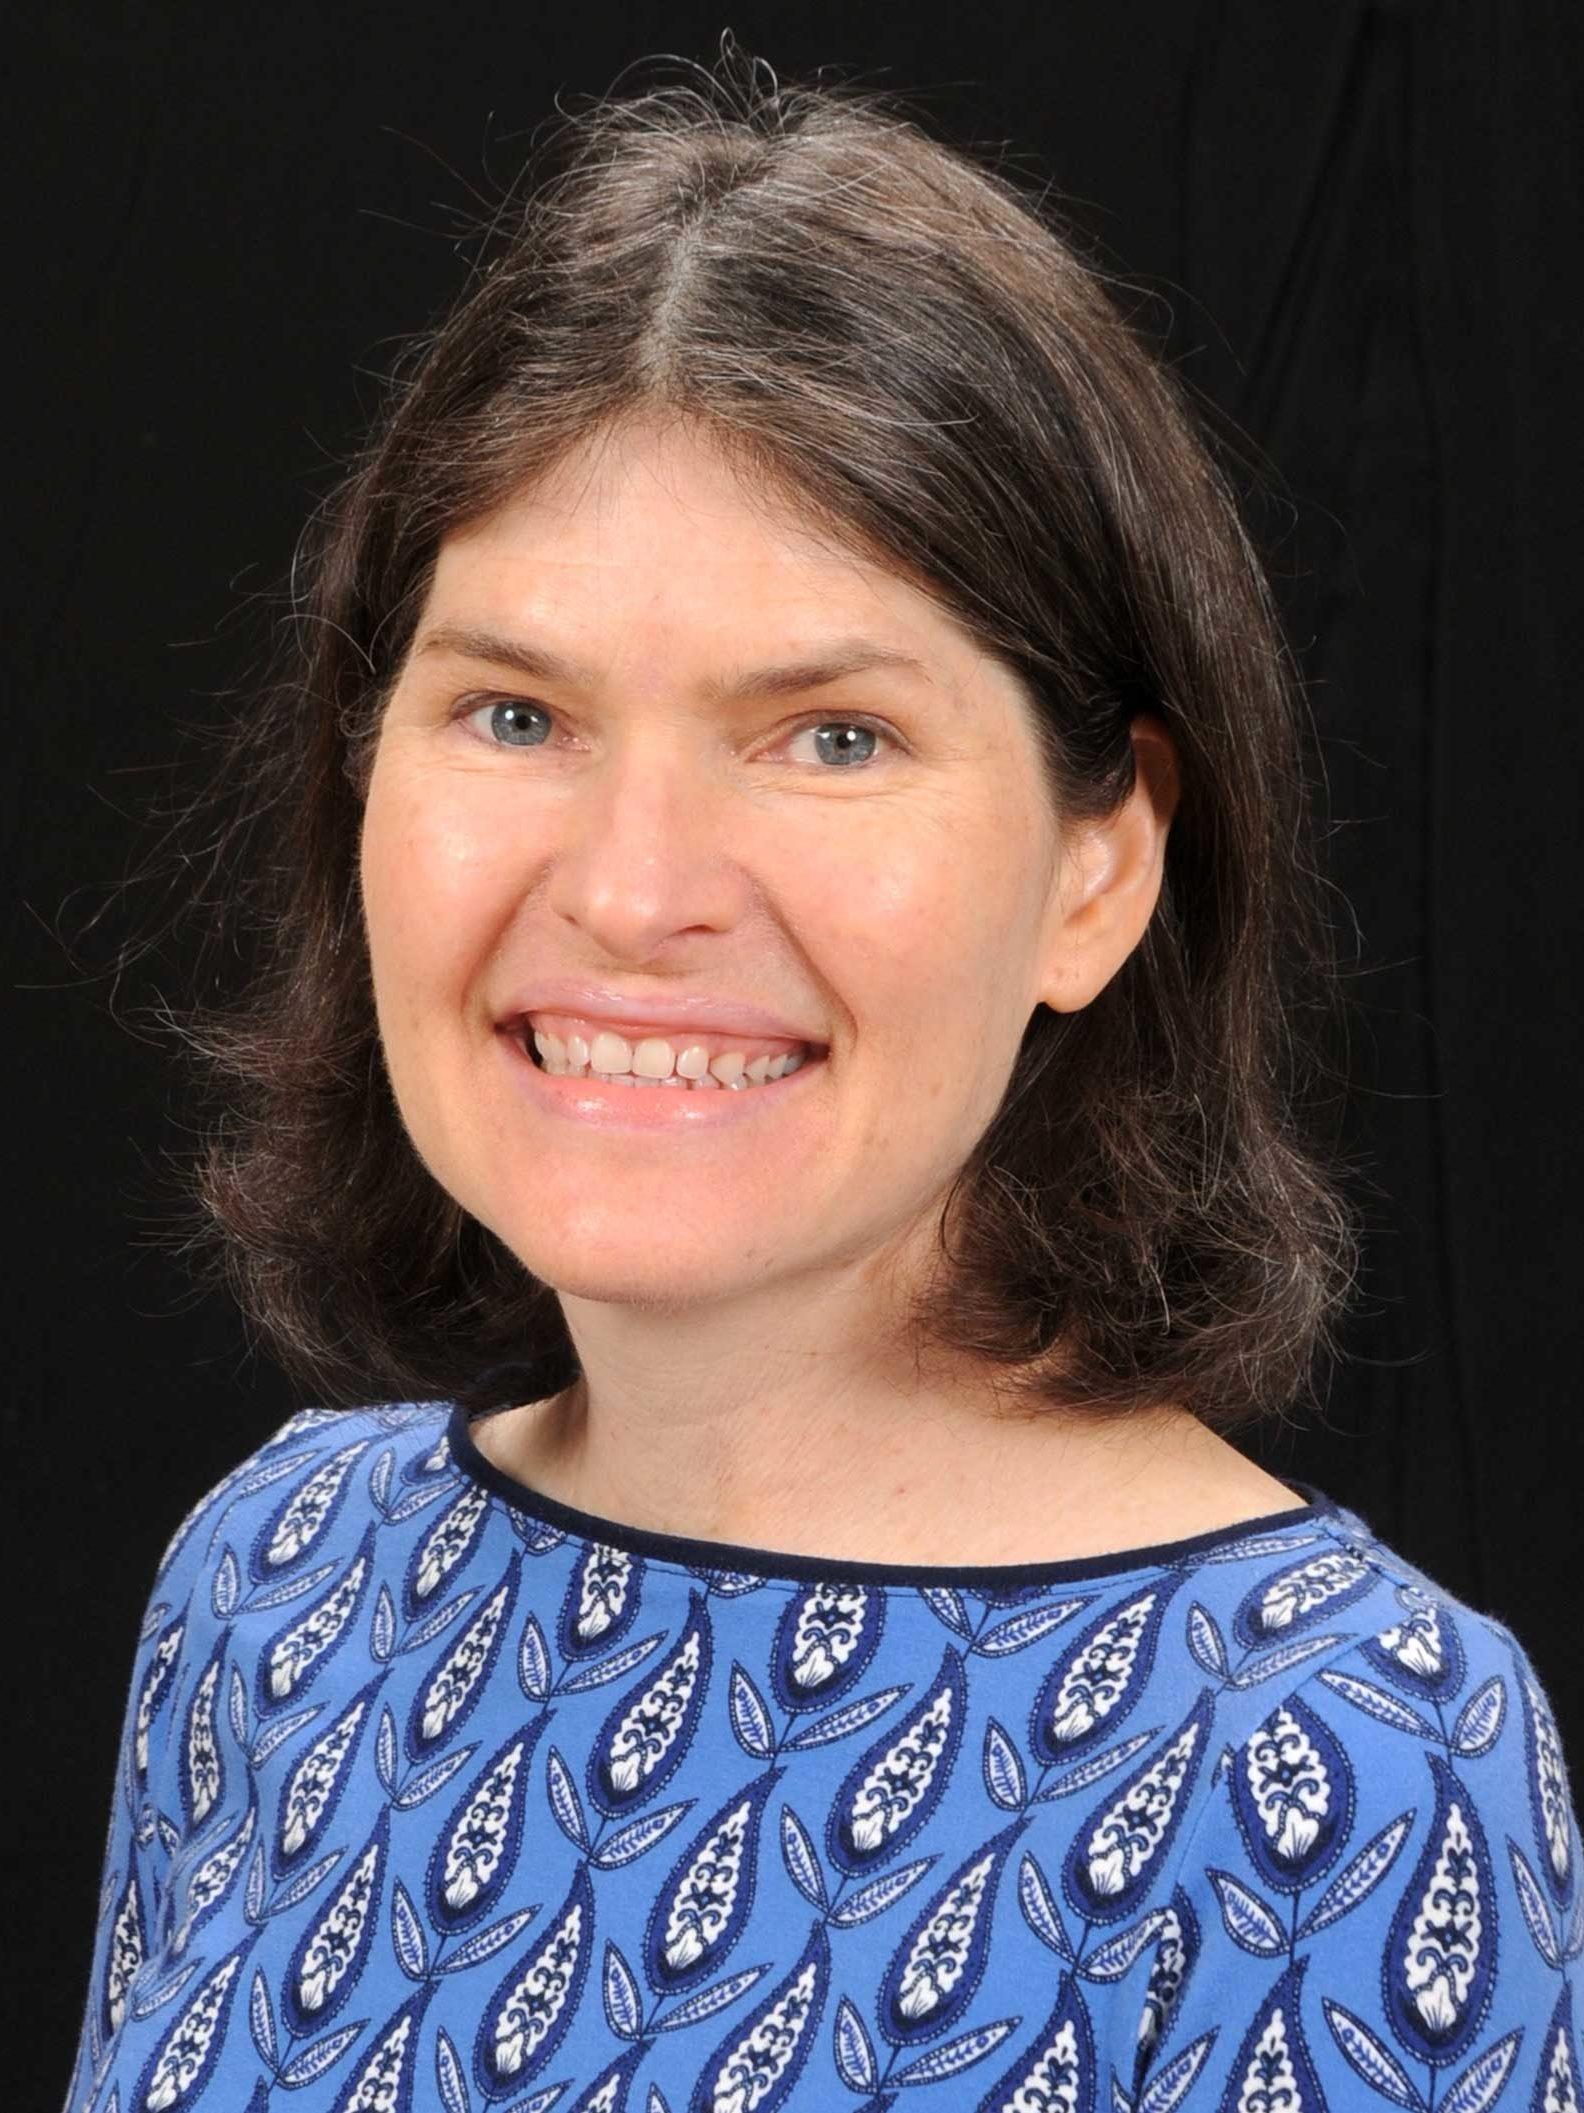 Valerie Markland, Paralegal | Aljijaki, Kosseff & Prendergast, LLC